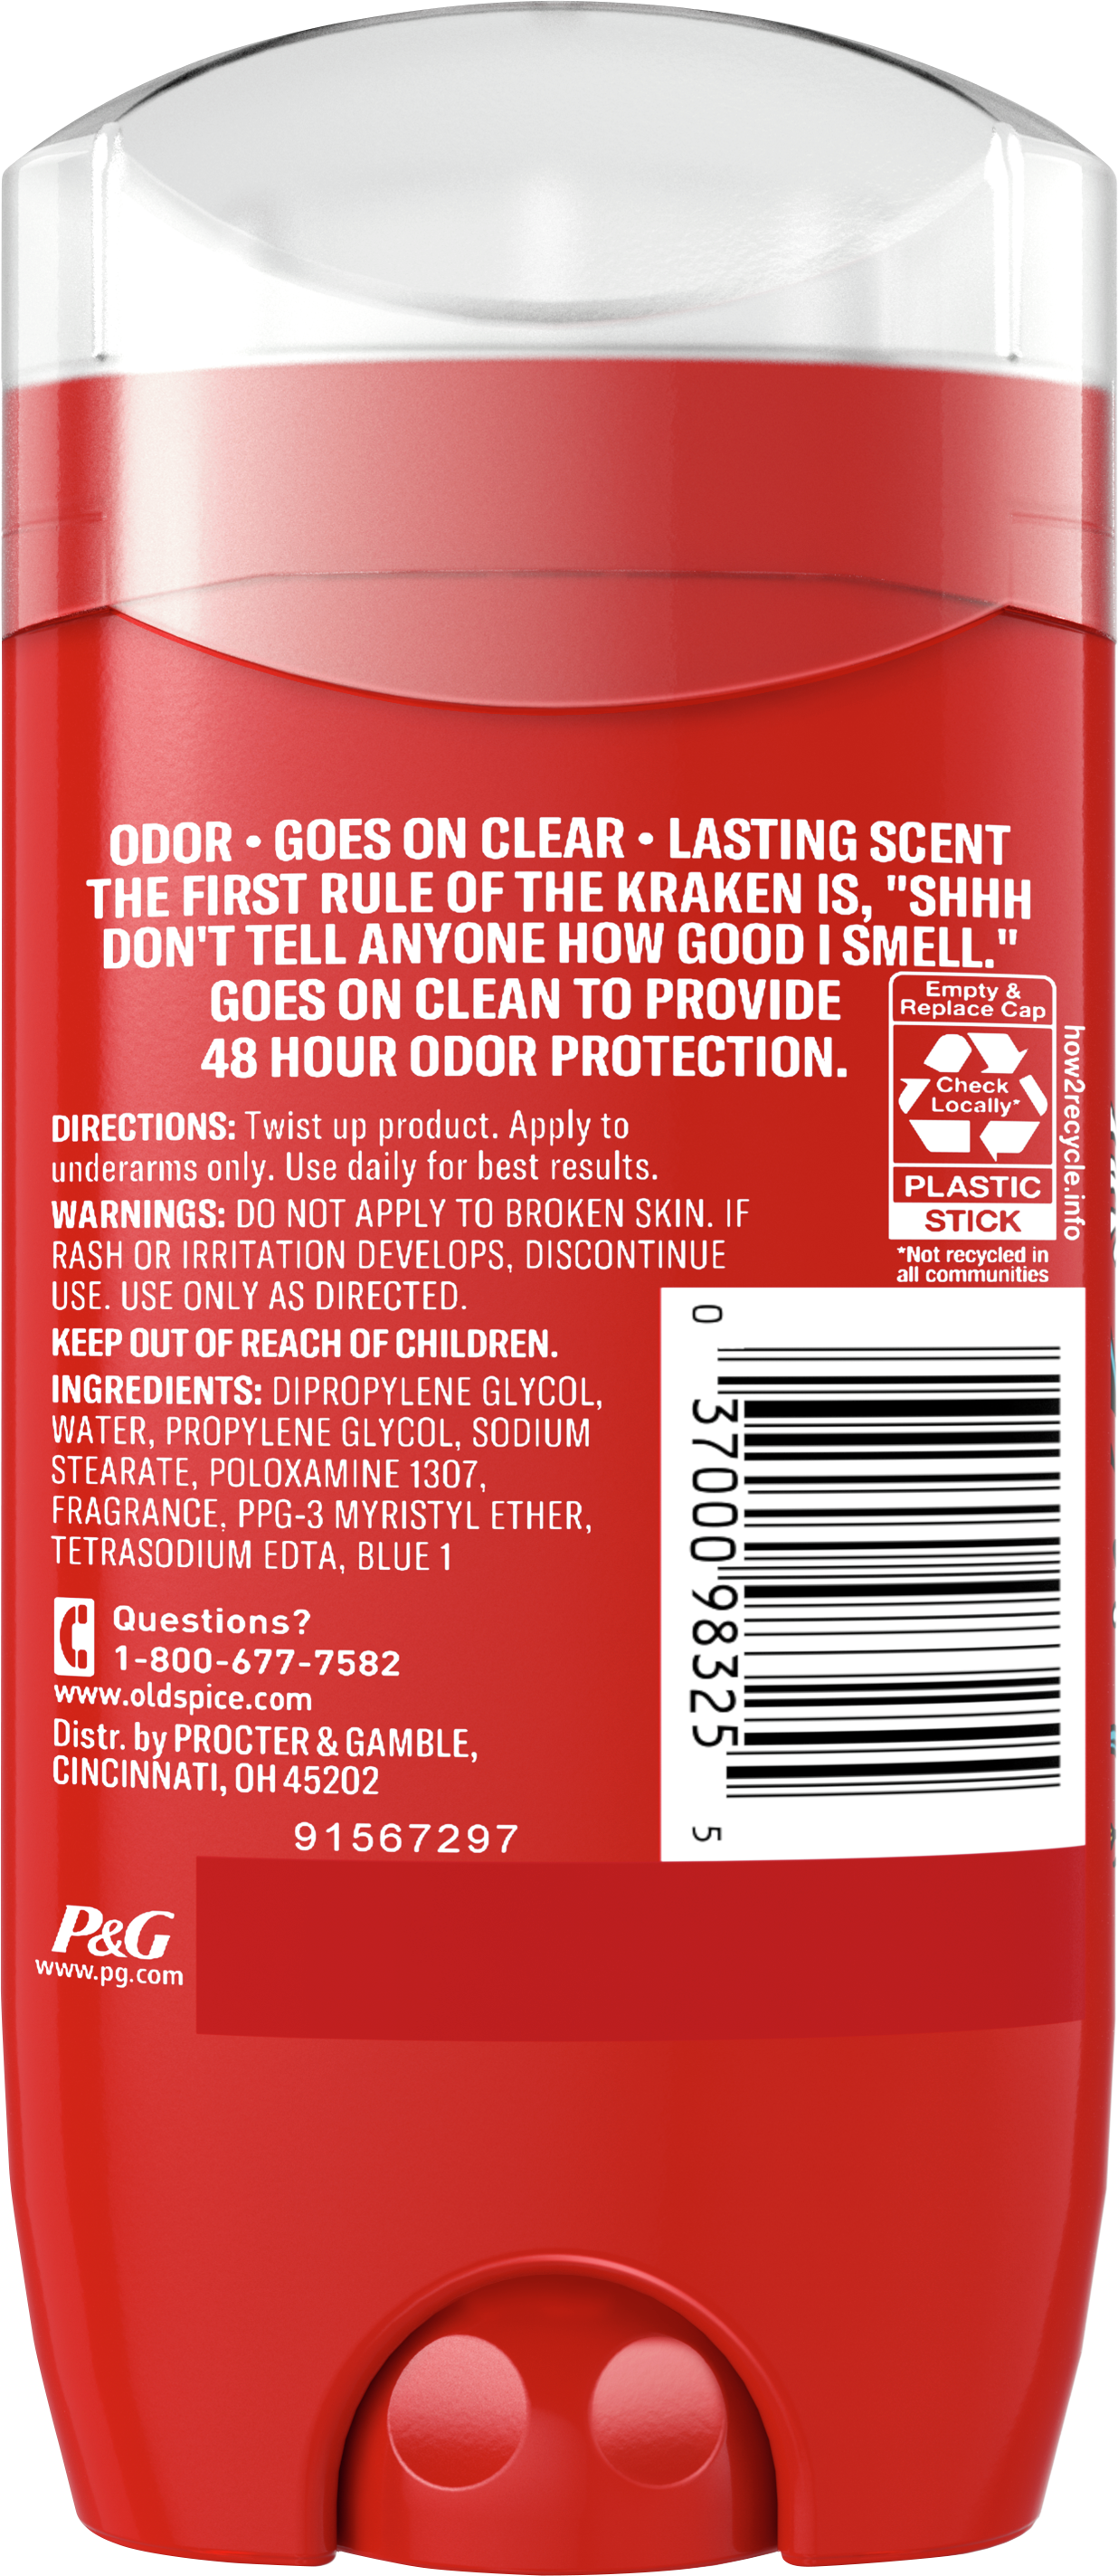 Krakengard Deodorant